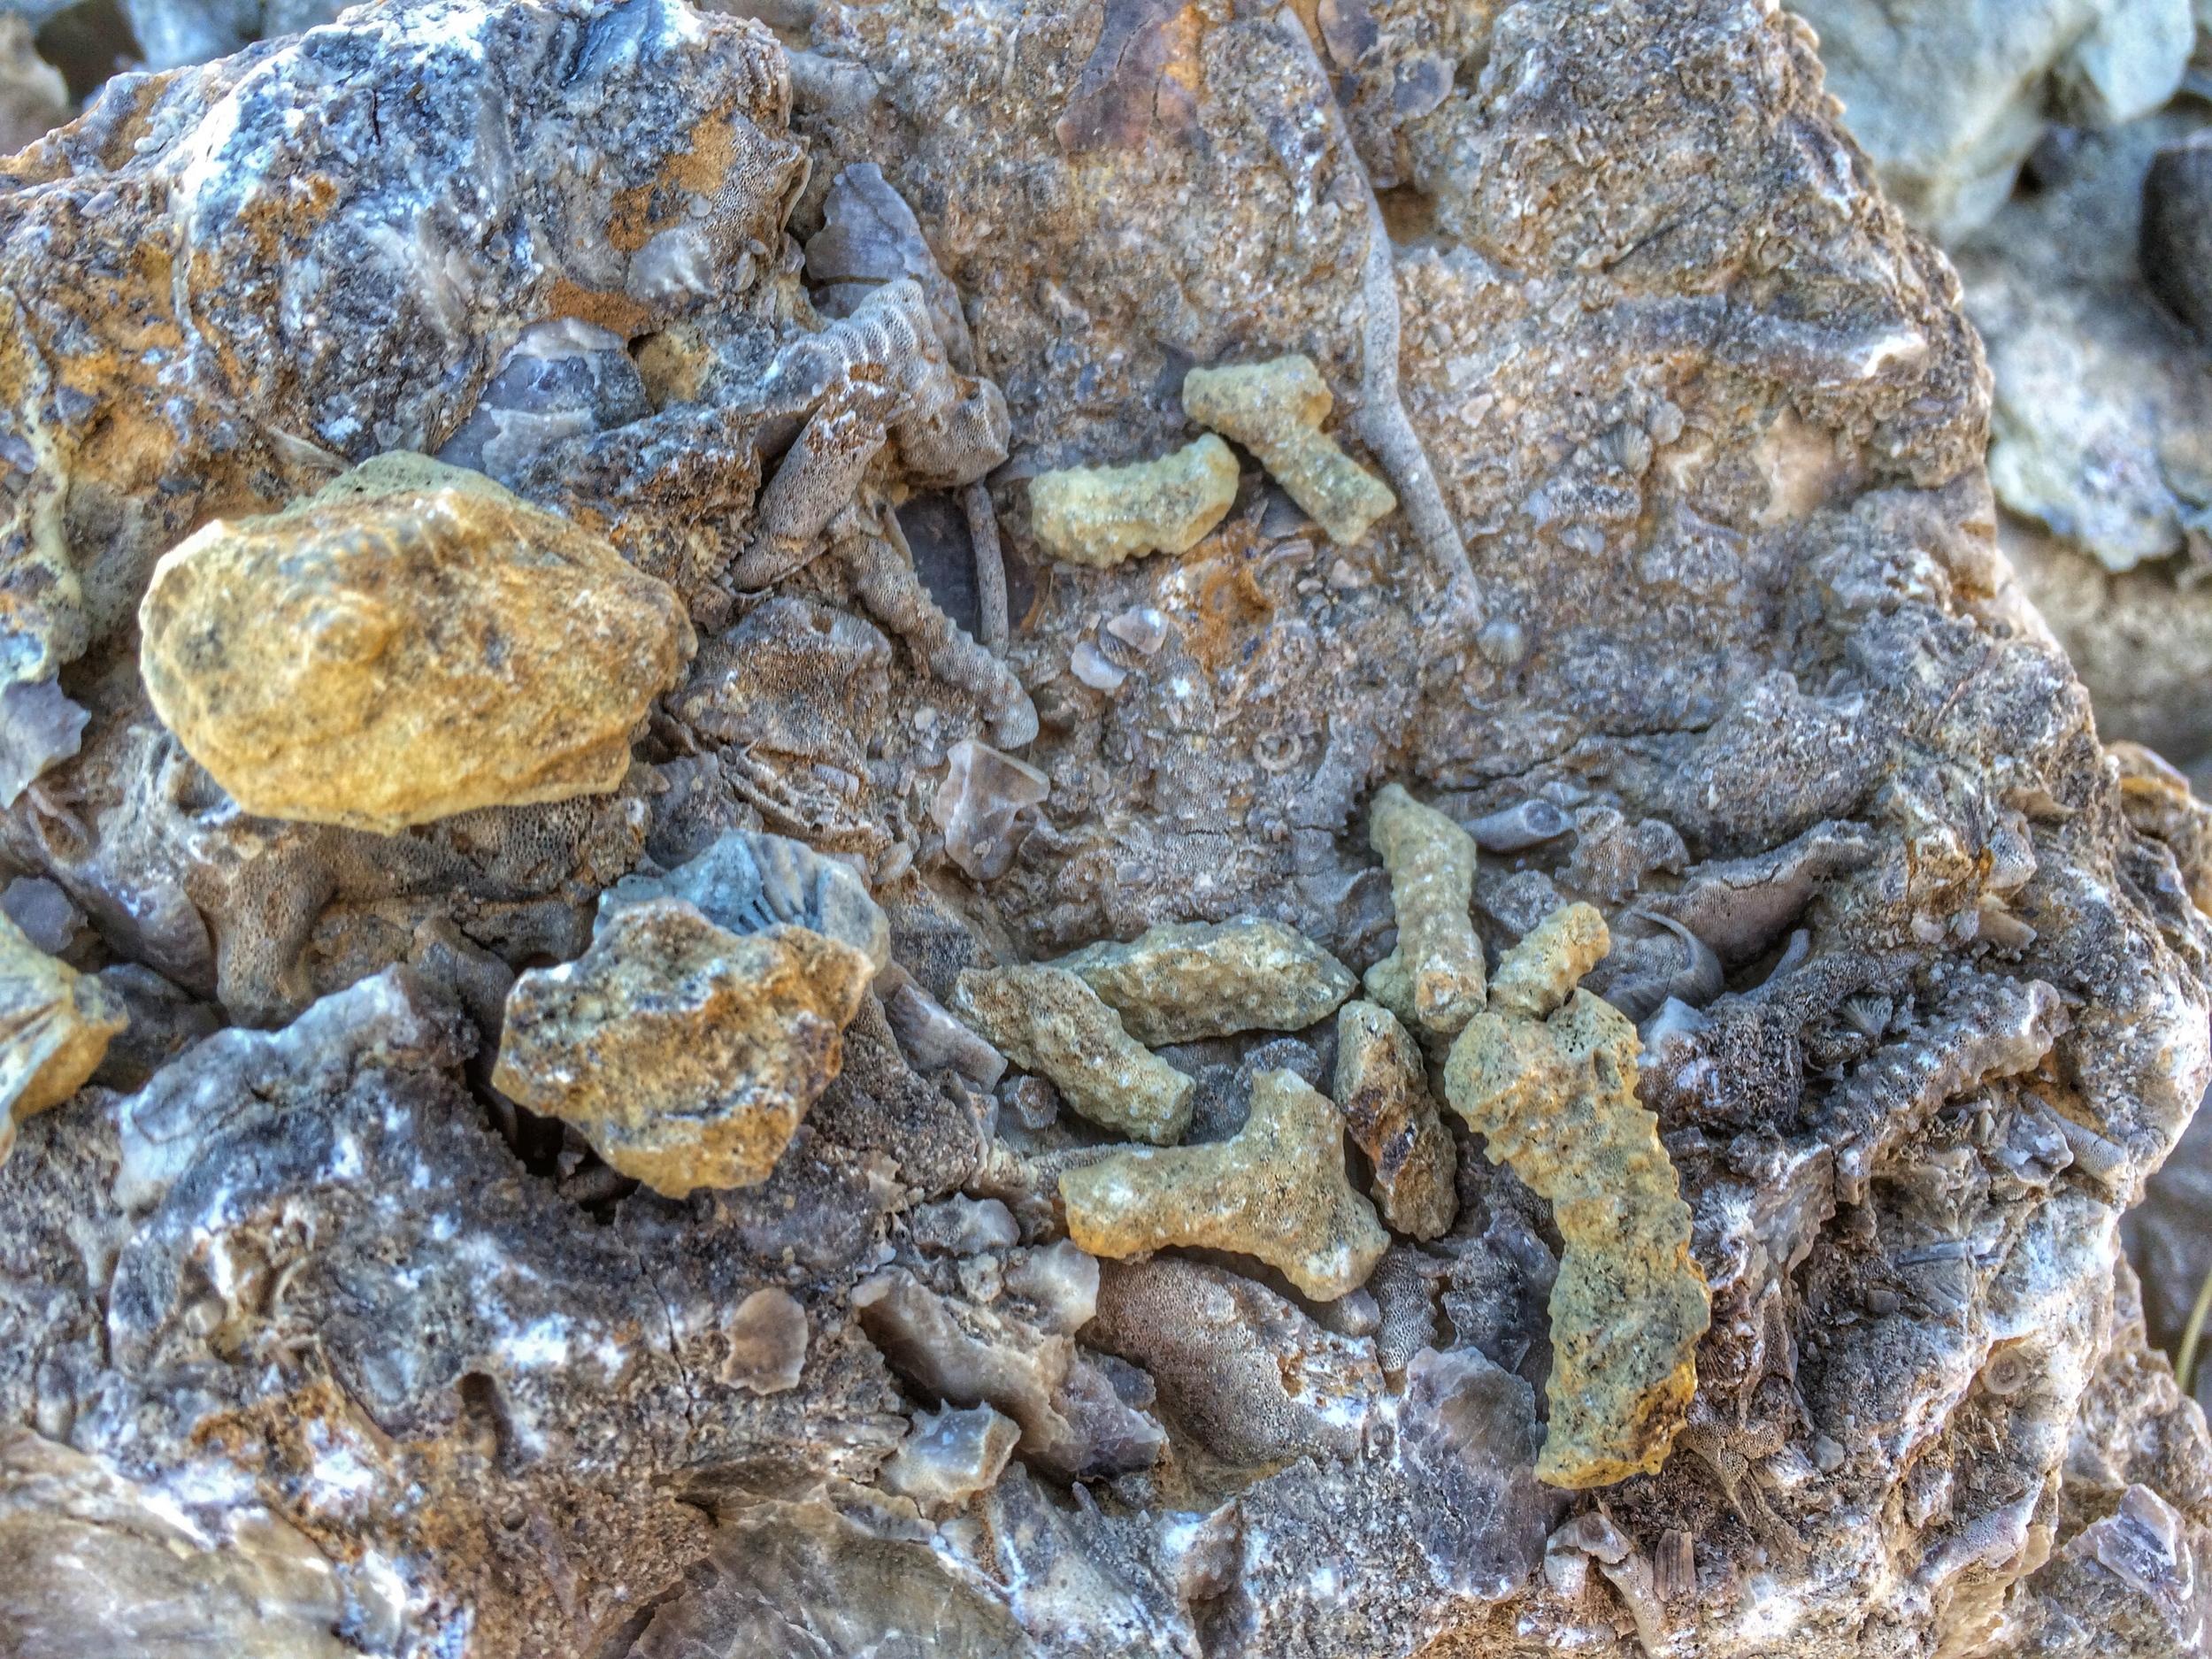 trammel fossil park fossils